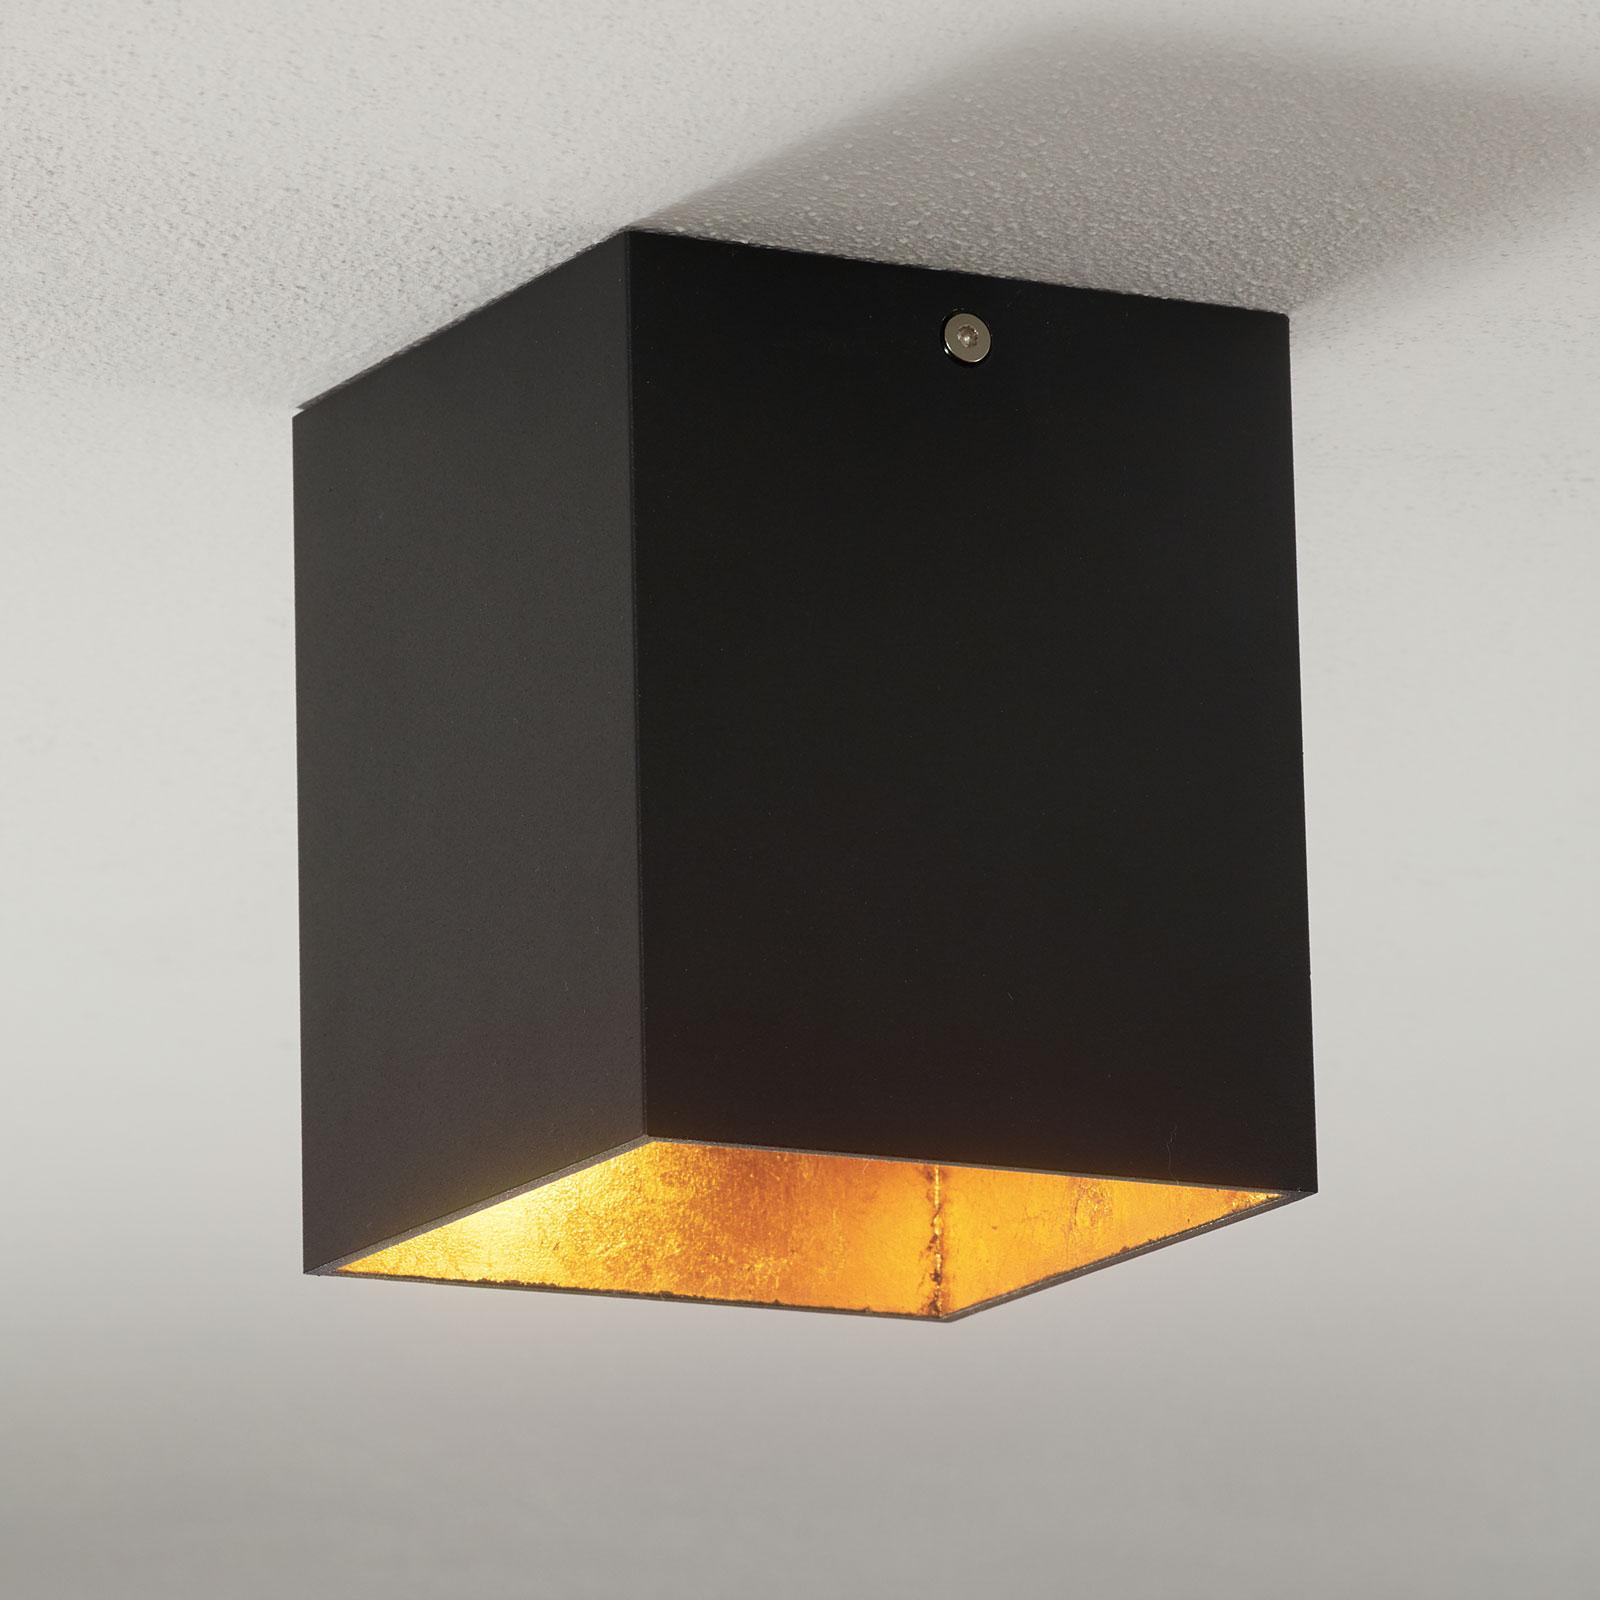 Lucande Paolo downlight GU10 kantet hvit